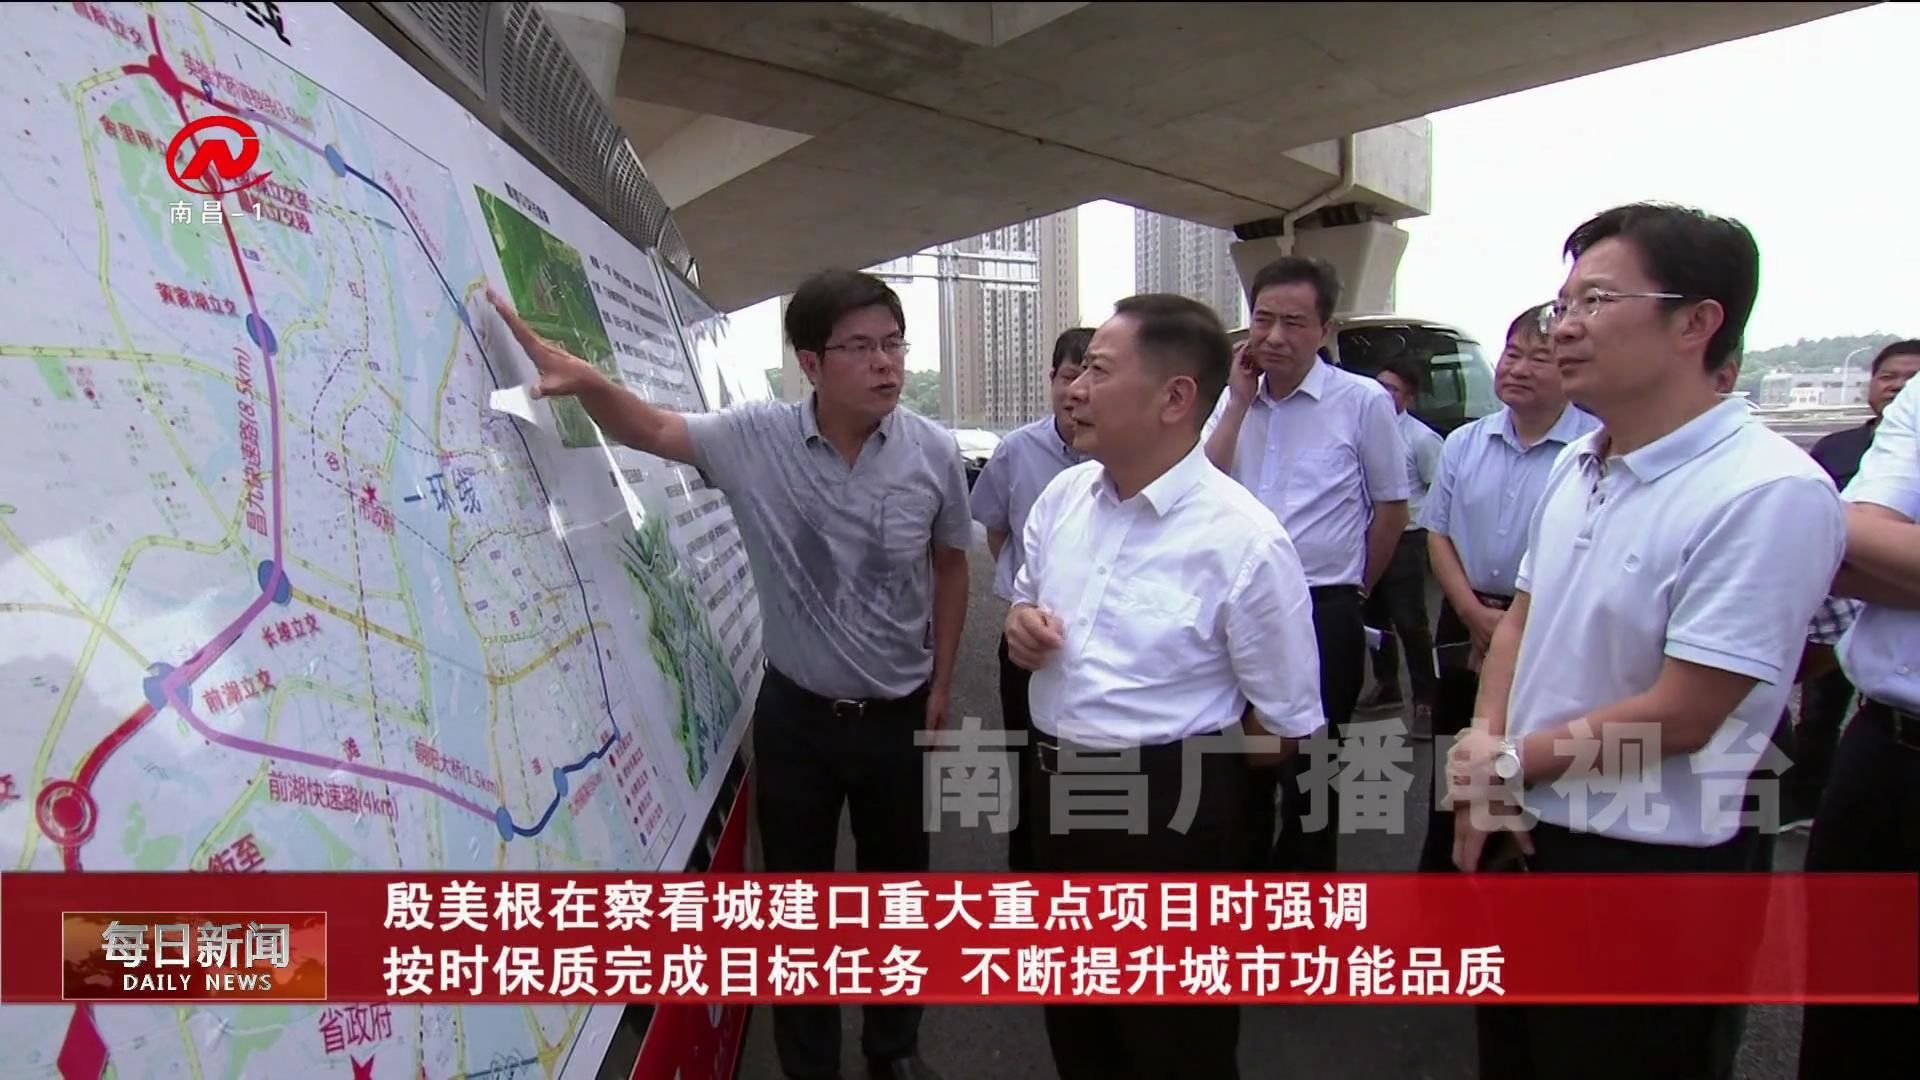 殷美根在察看城建口重大重点项目时强调 按时保质完成目标任务 不断提升城市功能品质